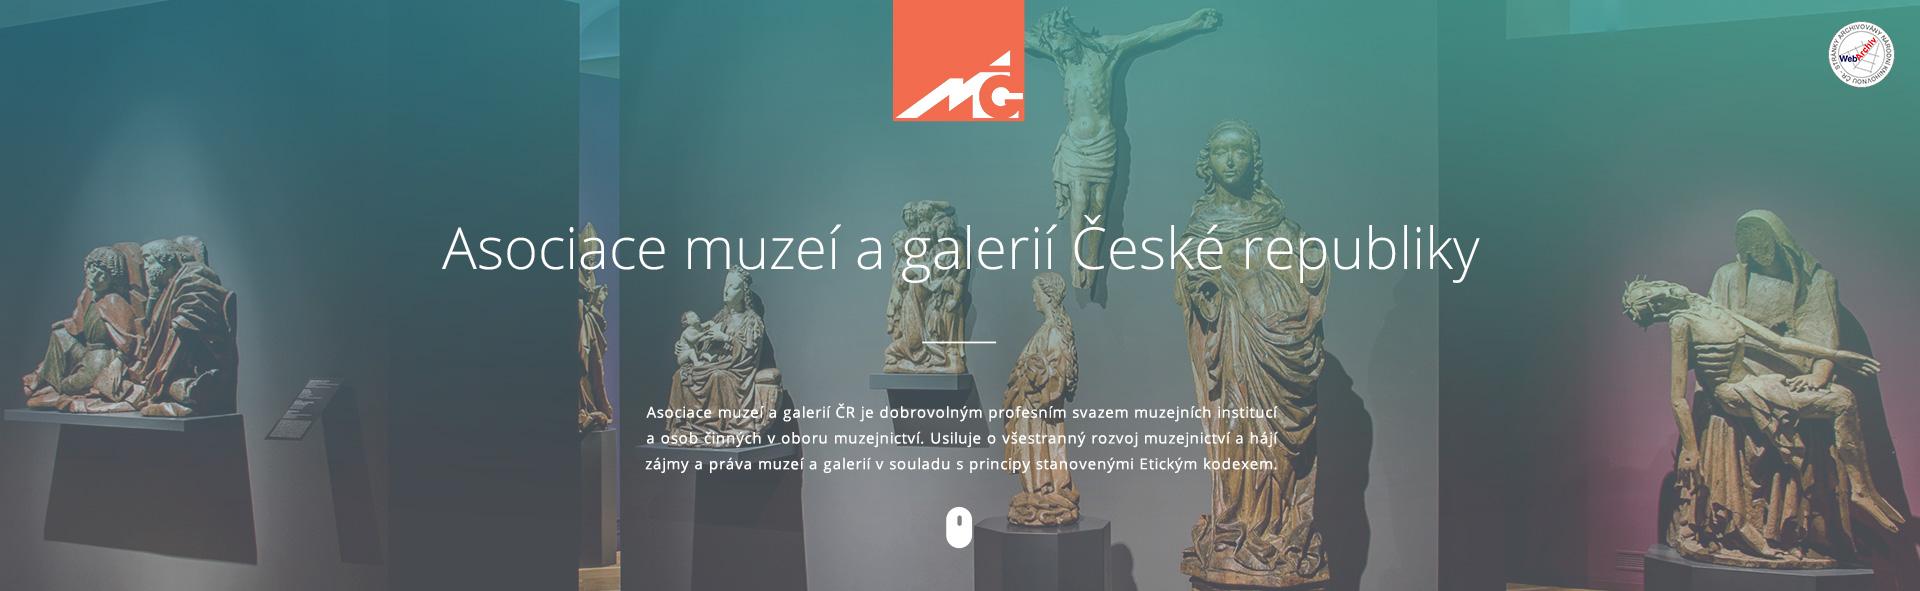 Asociace muzeí a galerií v České republice - Aktuality 3d1b7aa504